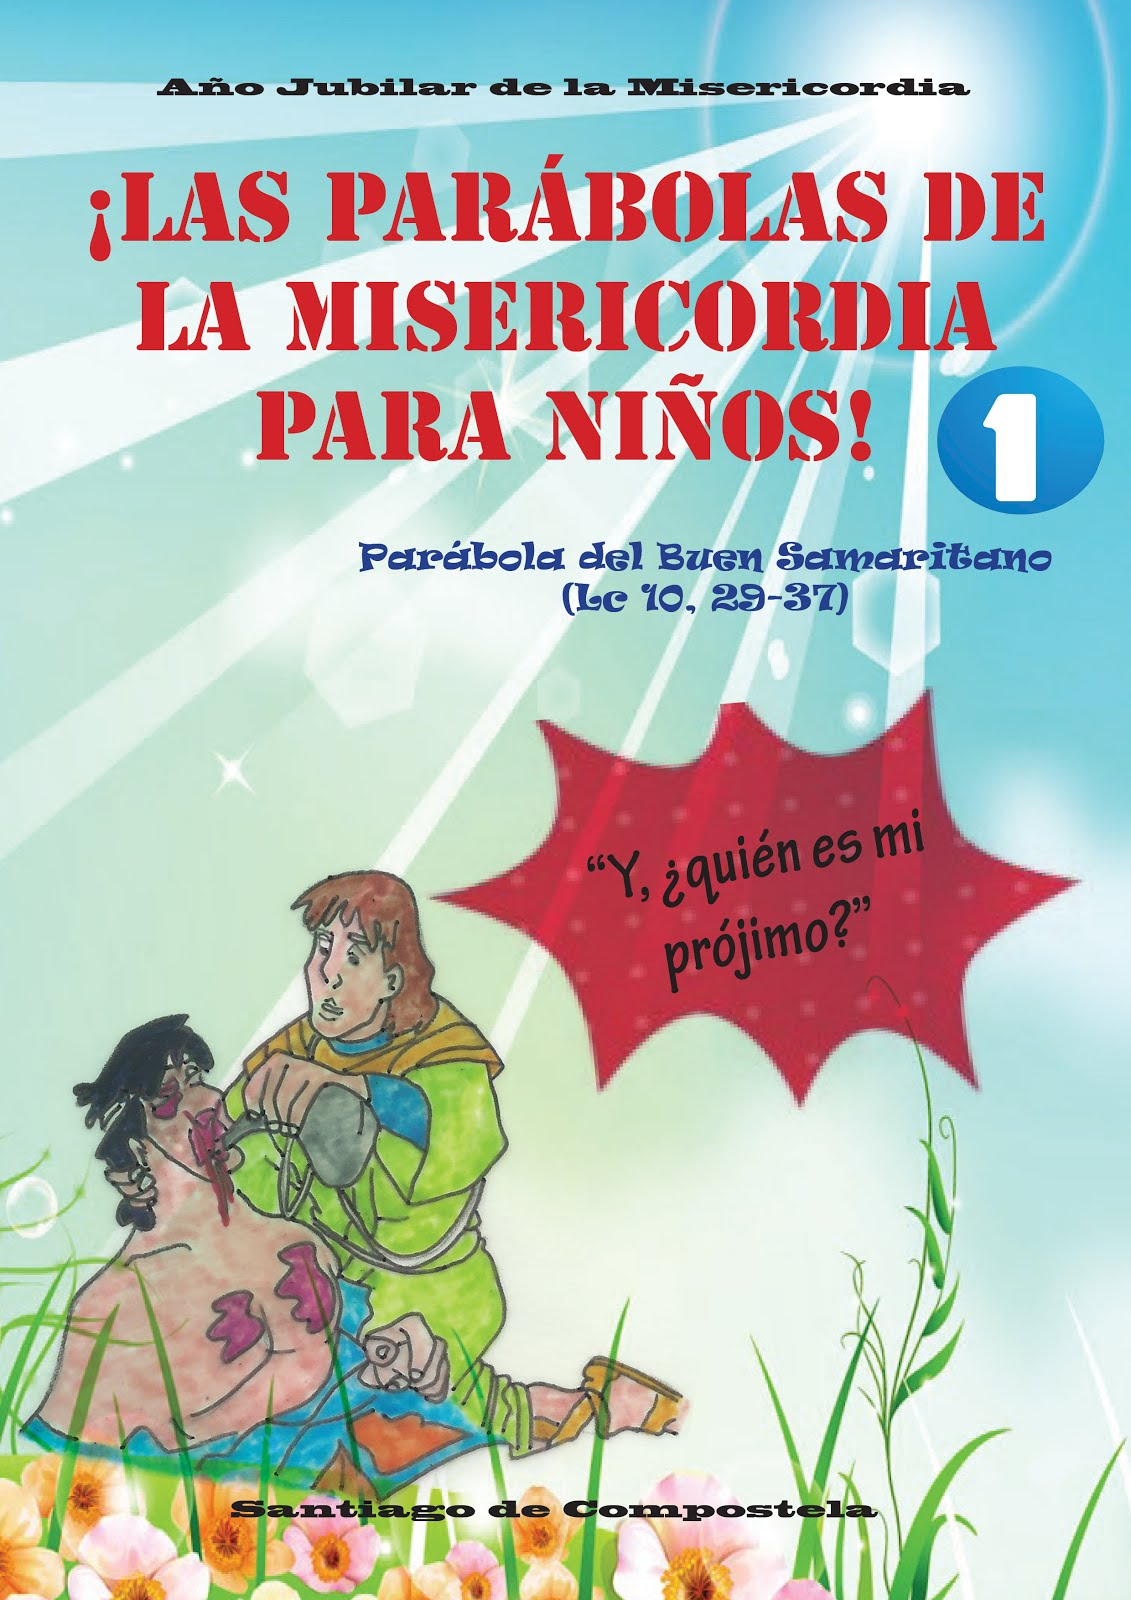 Parábolas de la misericordia para niños